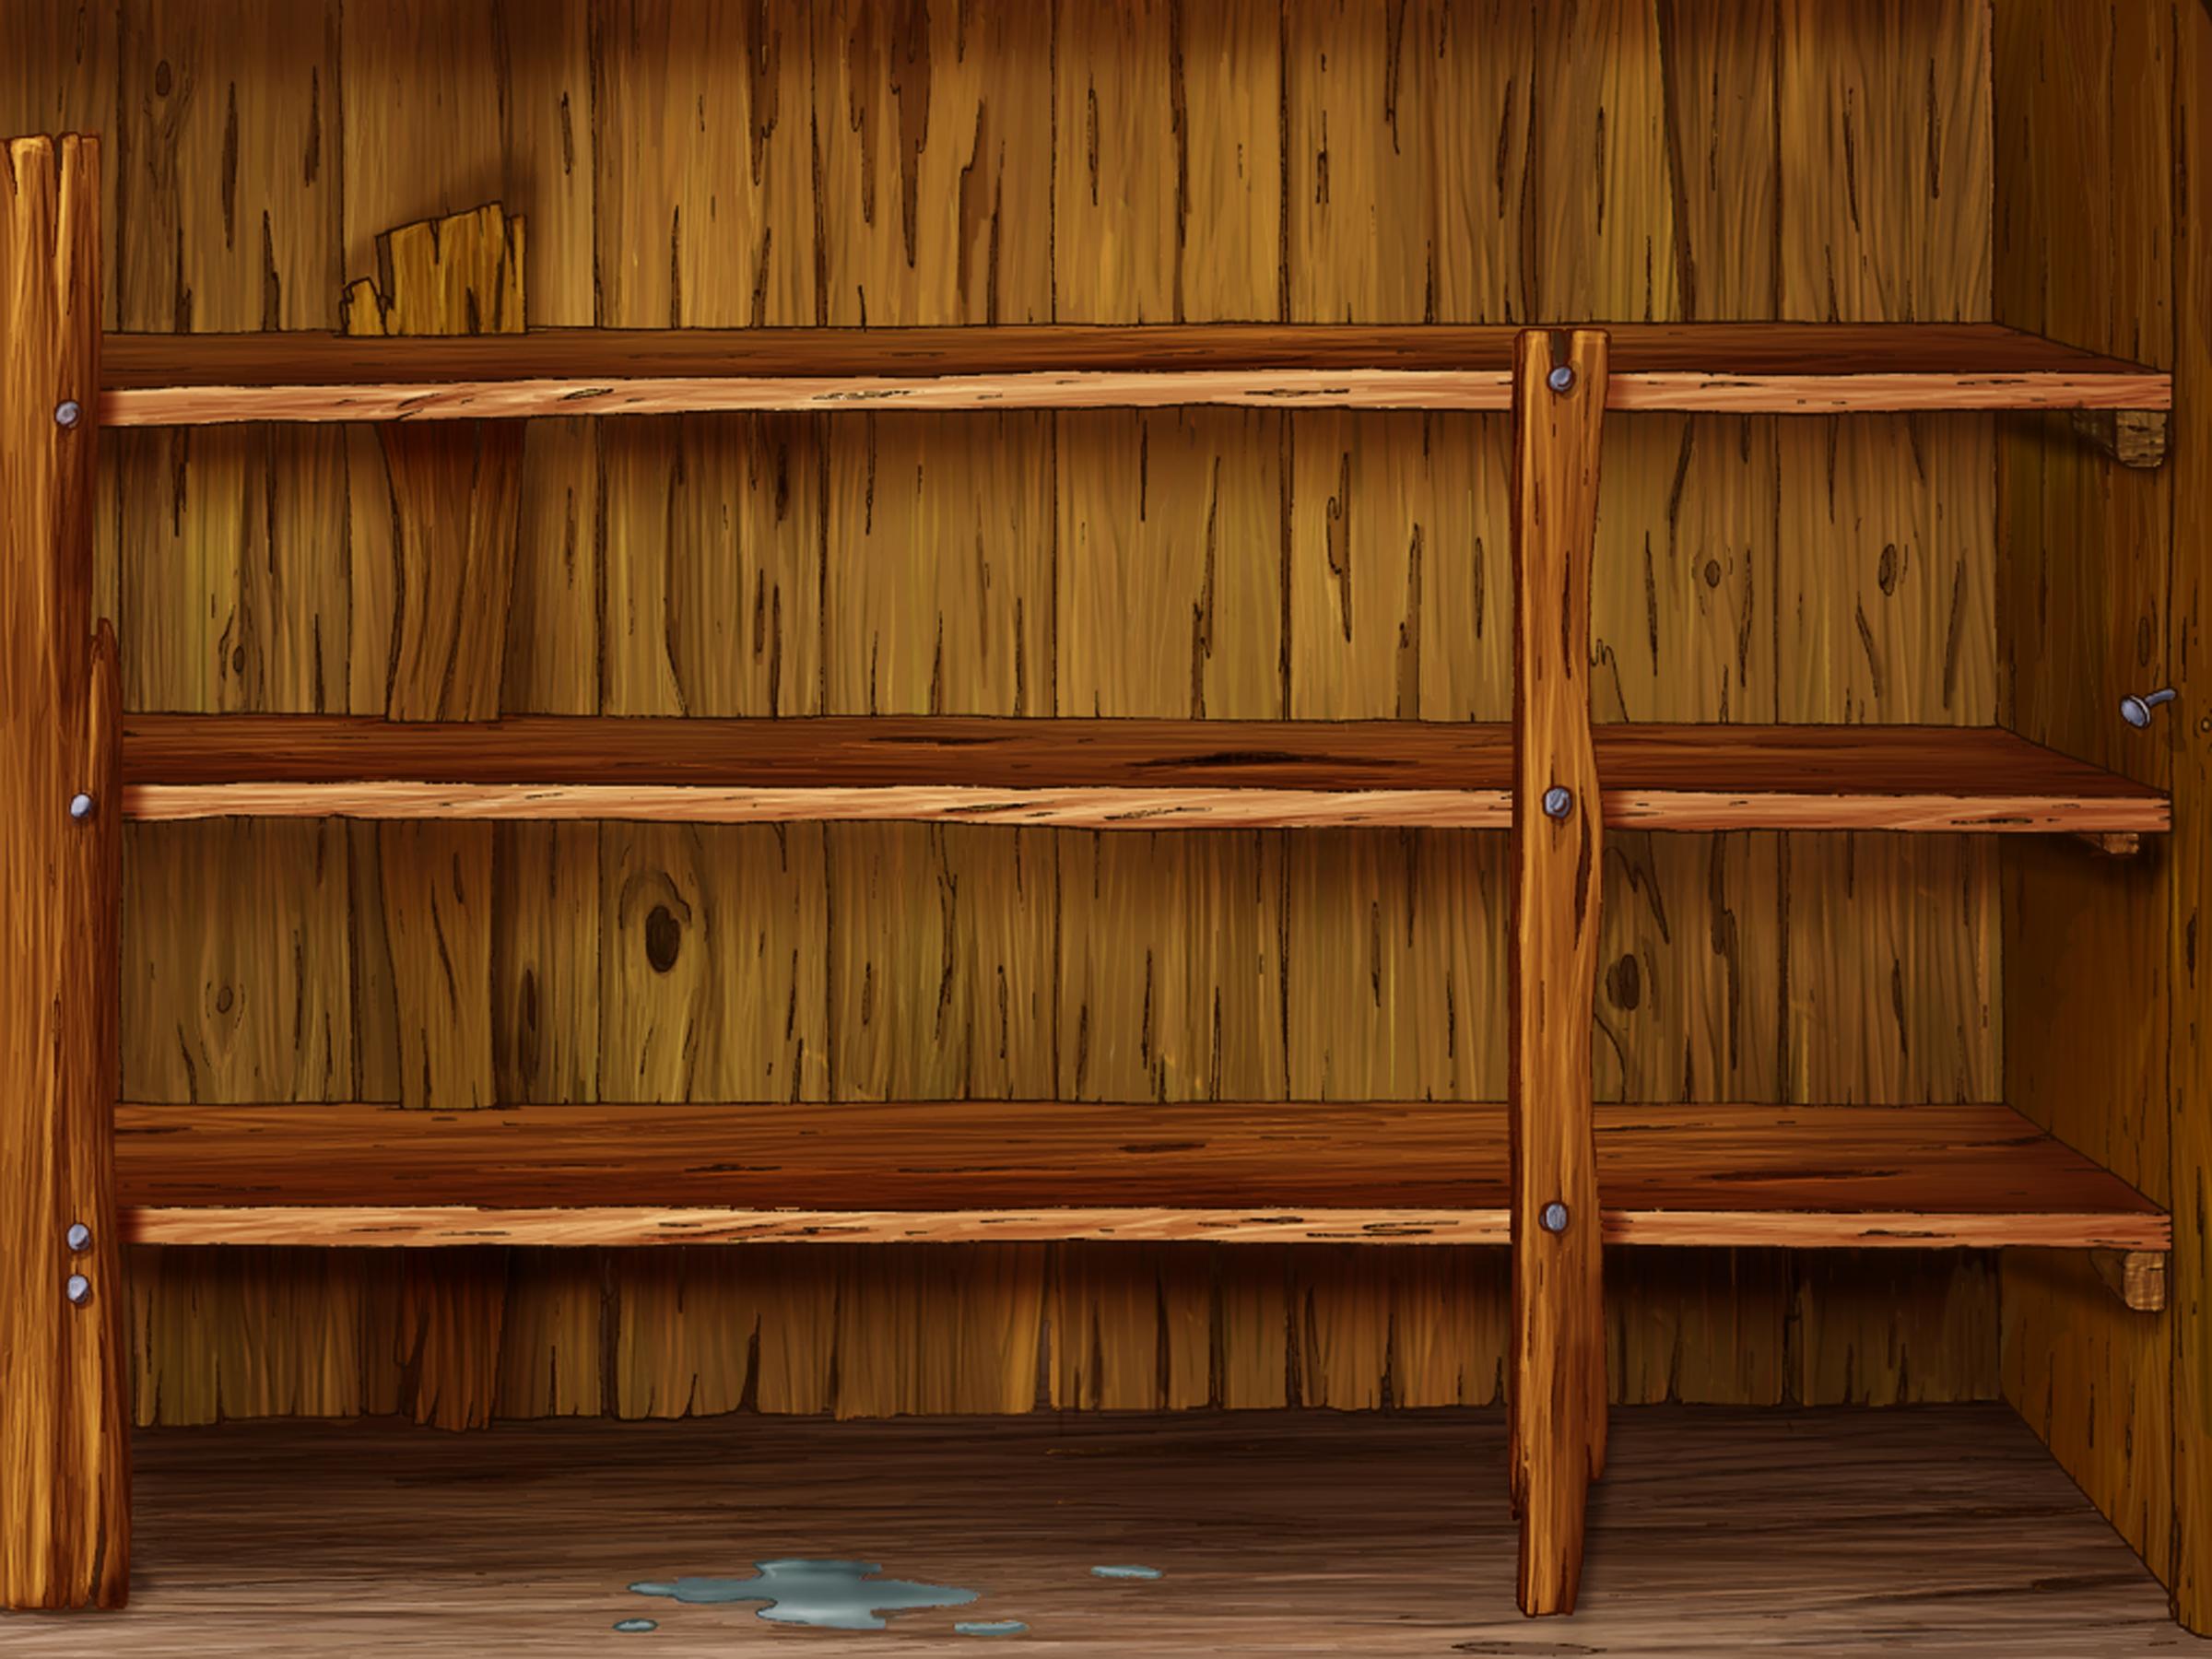 Estanteria de madera fondos fondos dibujos y dibujos - Estanterias en madera ...